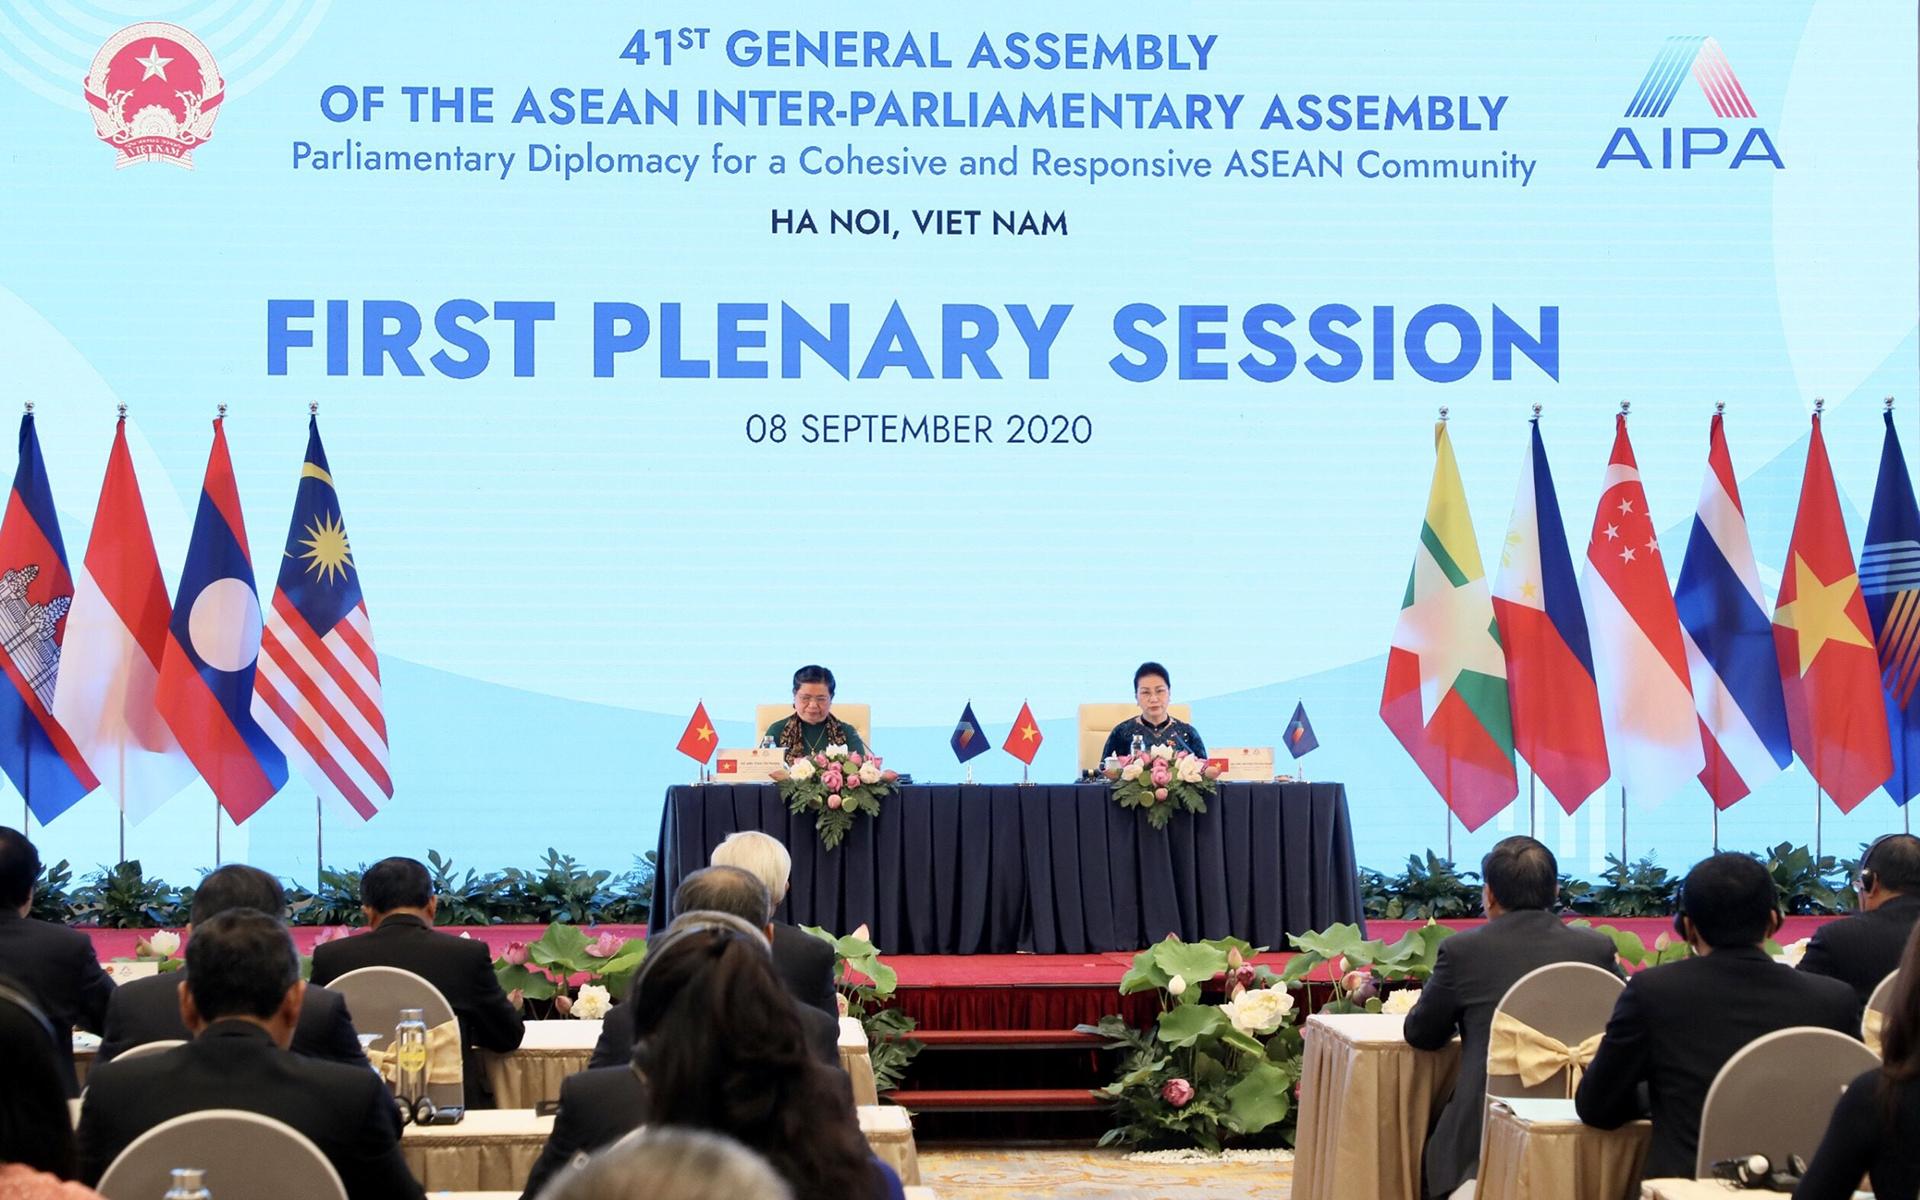 Đại hội đồng AIPA 41 và dấu ấn Quốc hội Việt Nam - 6